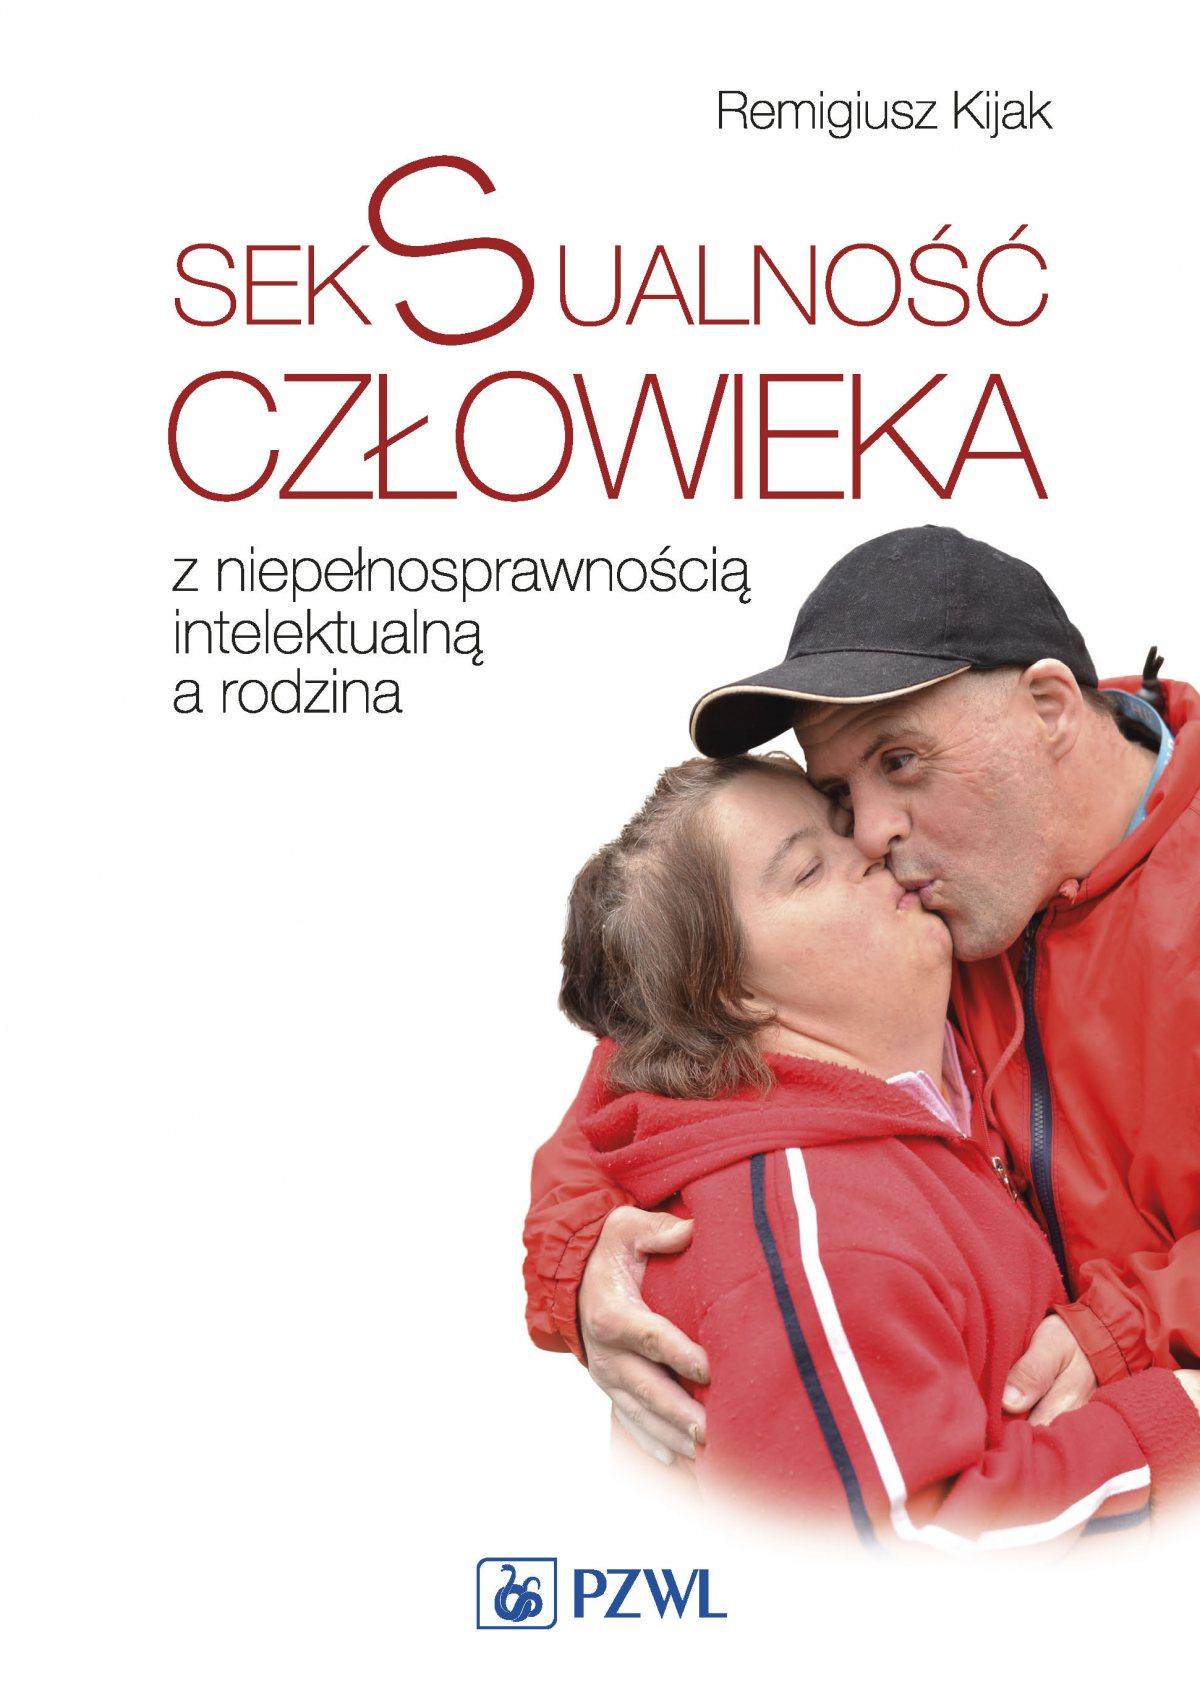 Seksualność człowieka z niepełnosprawnością intelektualną a rodzina - Ebook (Książka EPUB) do pobrania w formacie EPUB